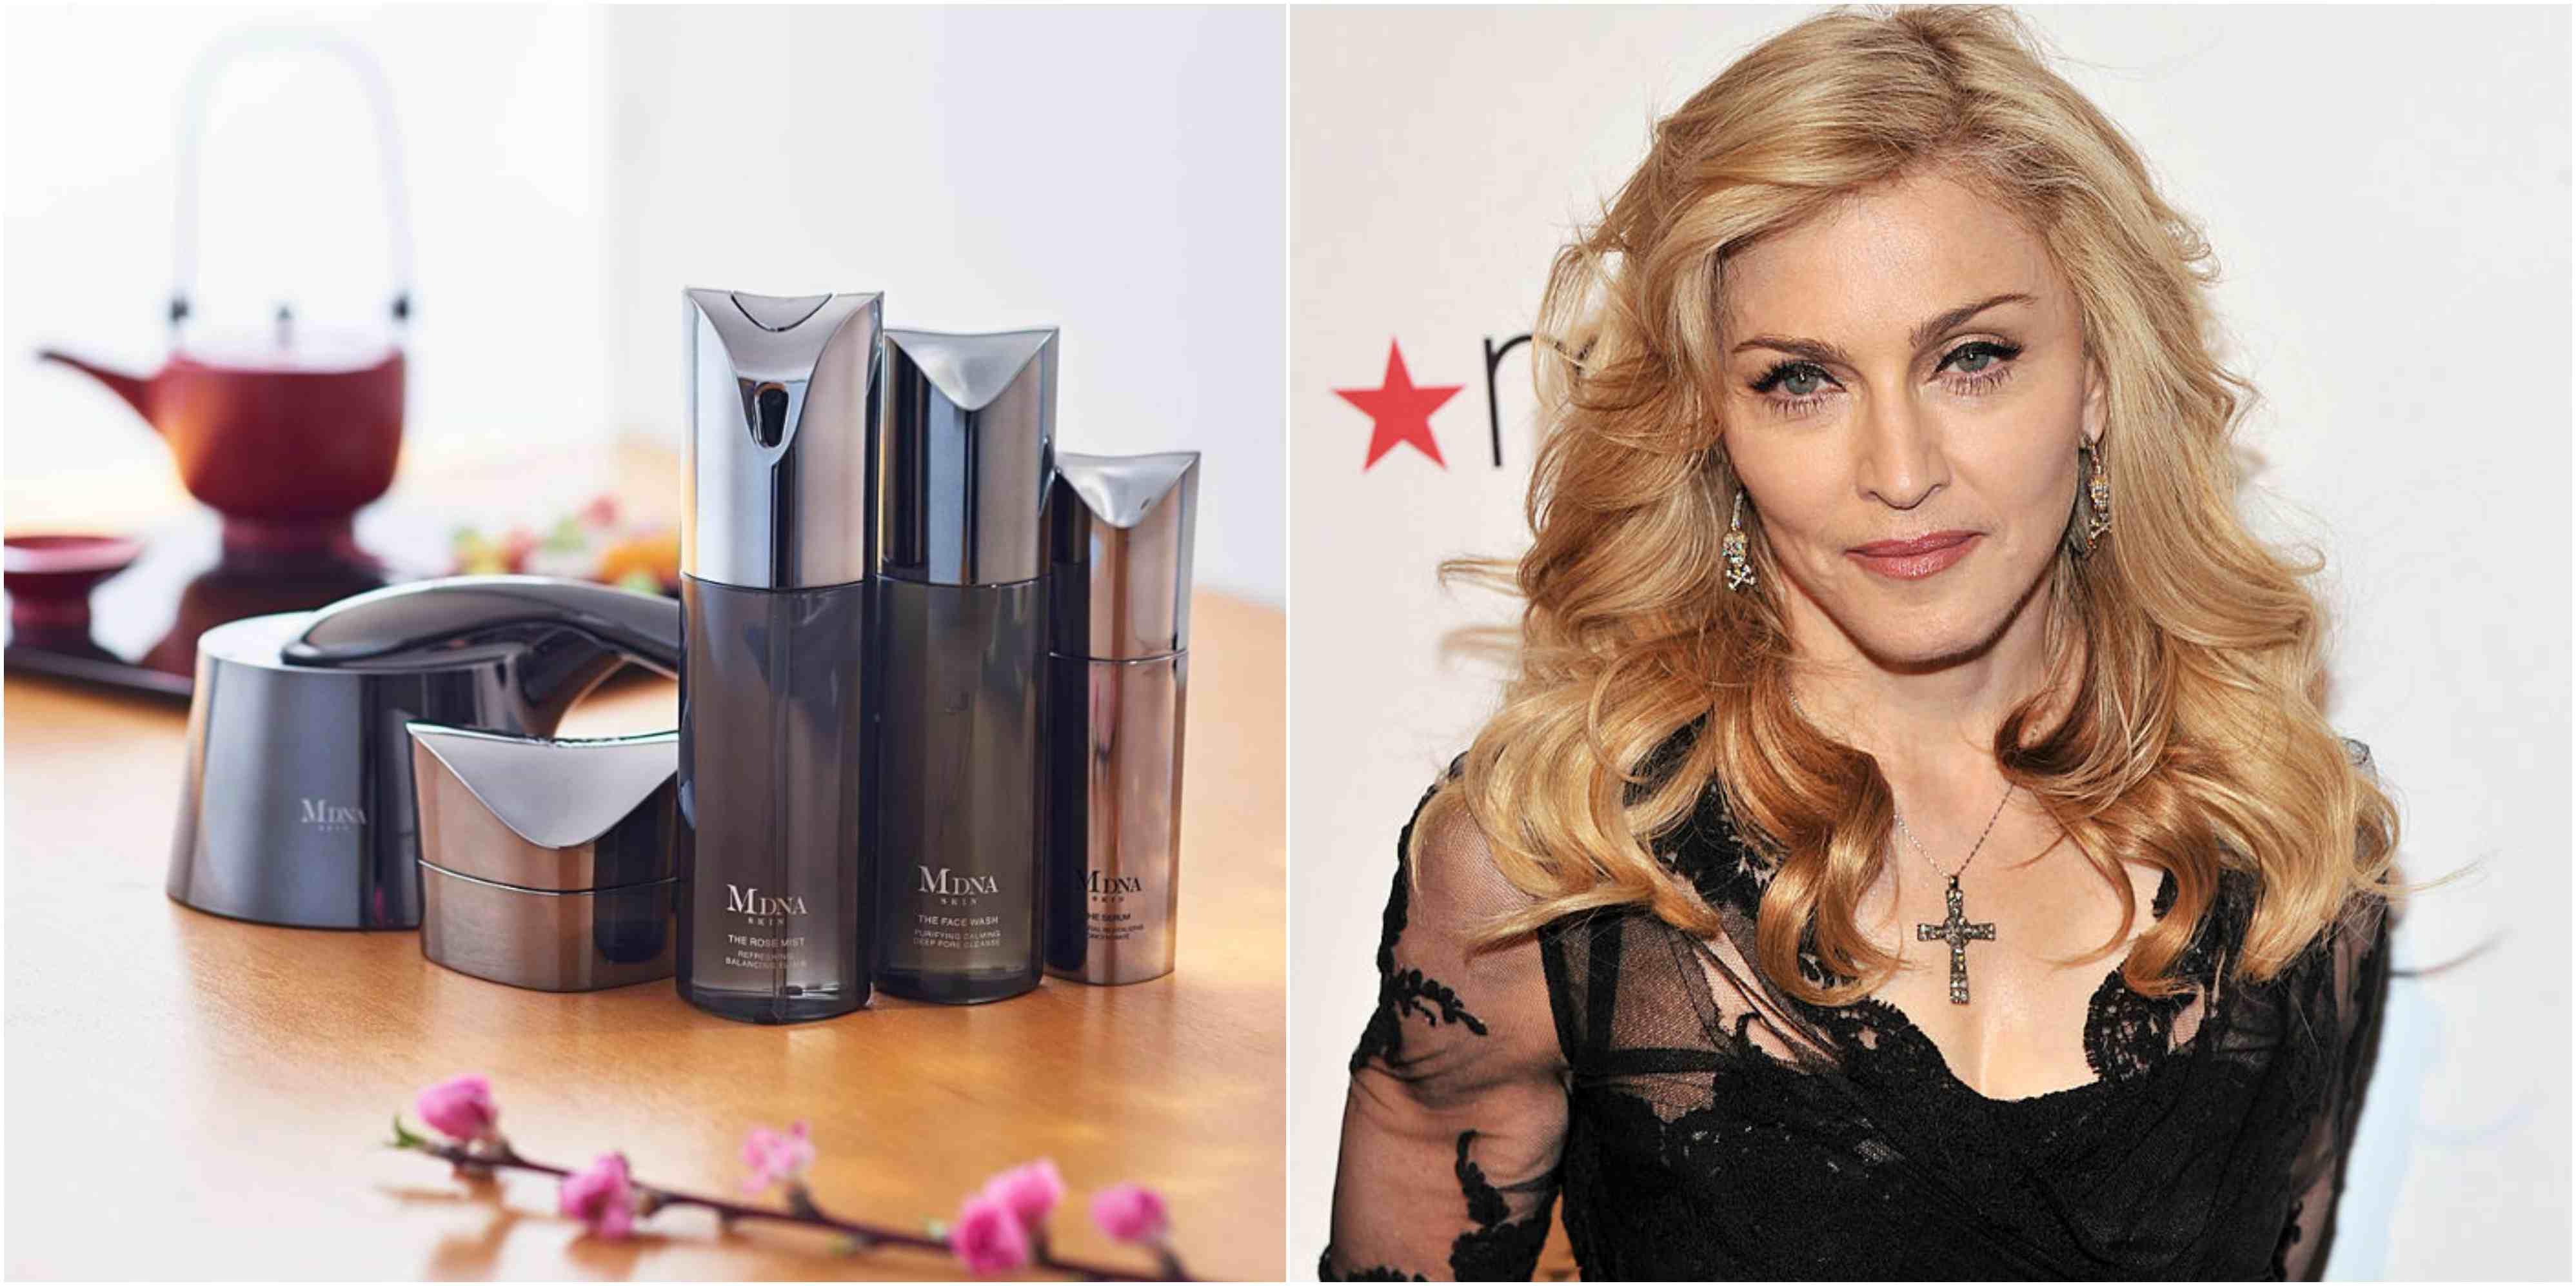 Productos para cuidar la piel de Madonna